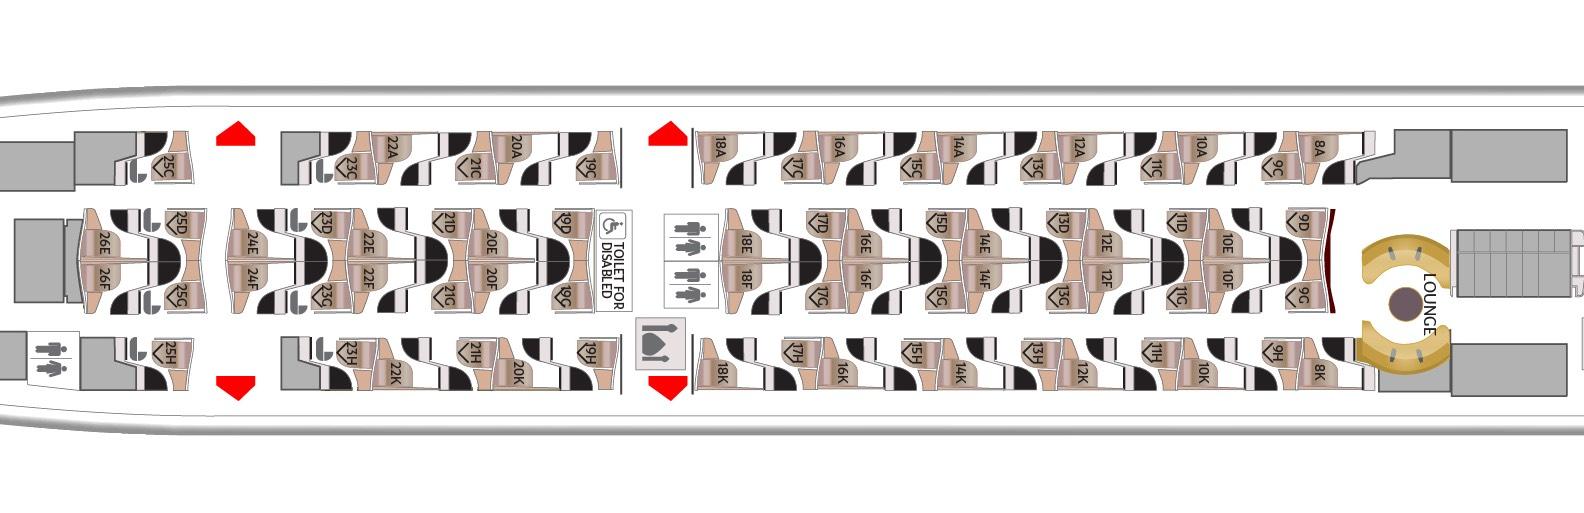 etihad-a380-seatmap